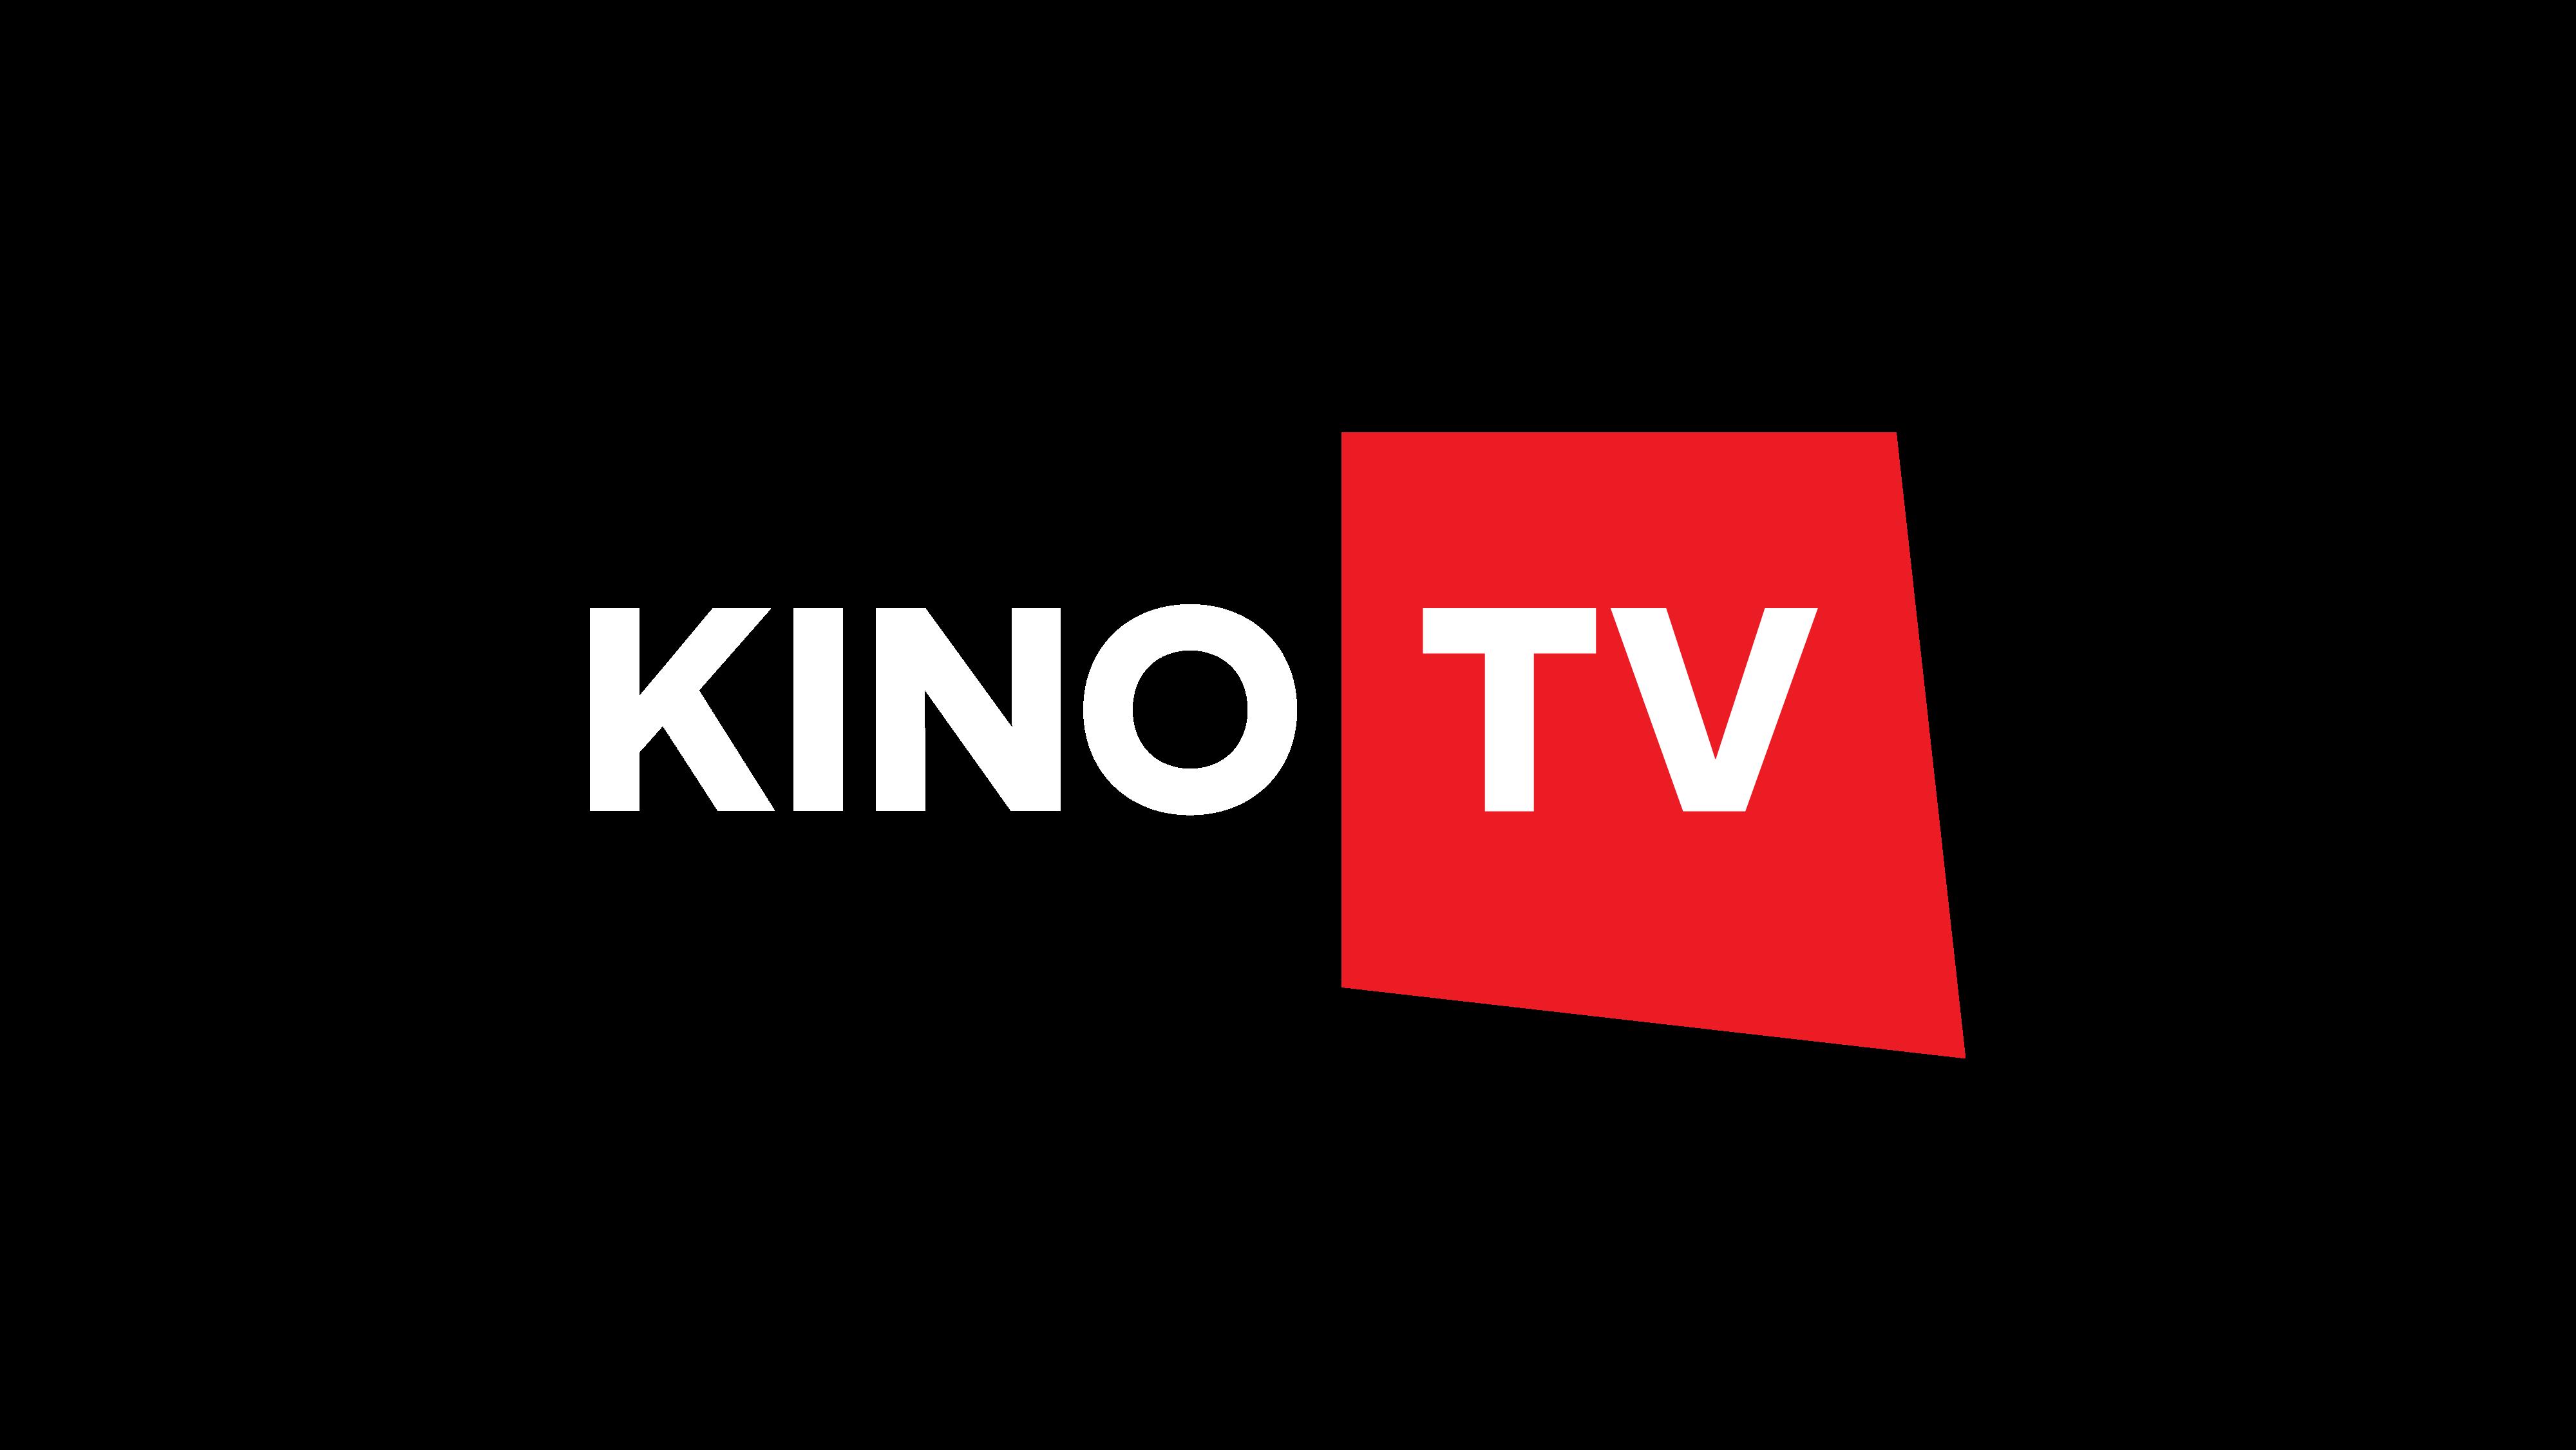 Kino TV logo